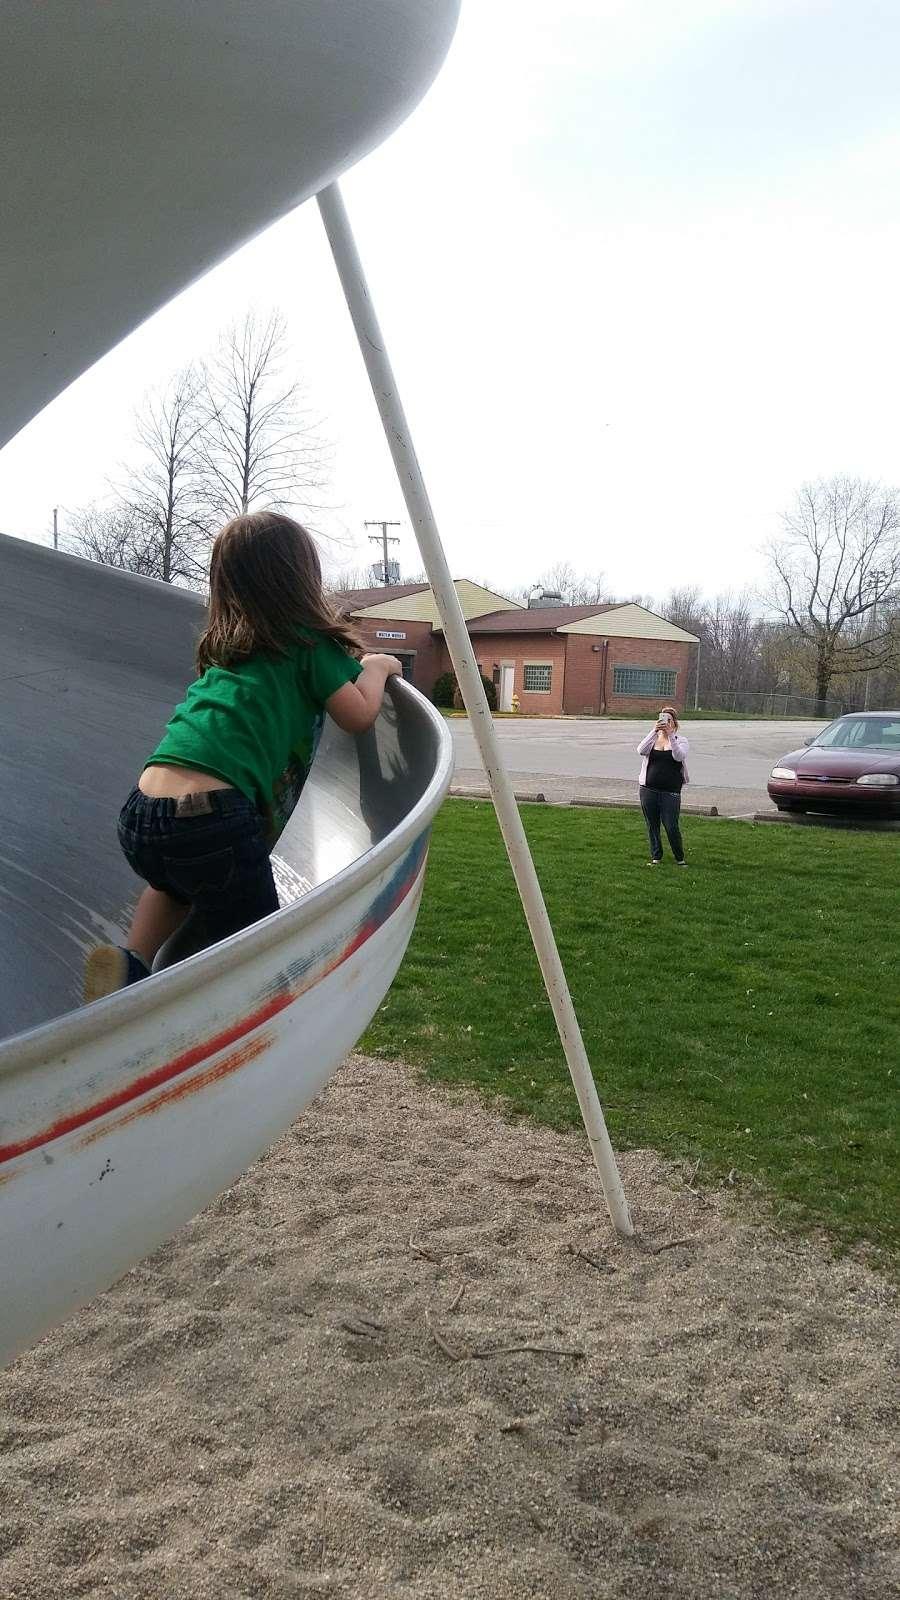 Fortville Memorial Park - park  | Photo 3 of 10 | Address: W Church St, Fortville, IN 46040, USA | Phone: (317) 485-4044